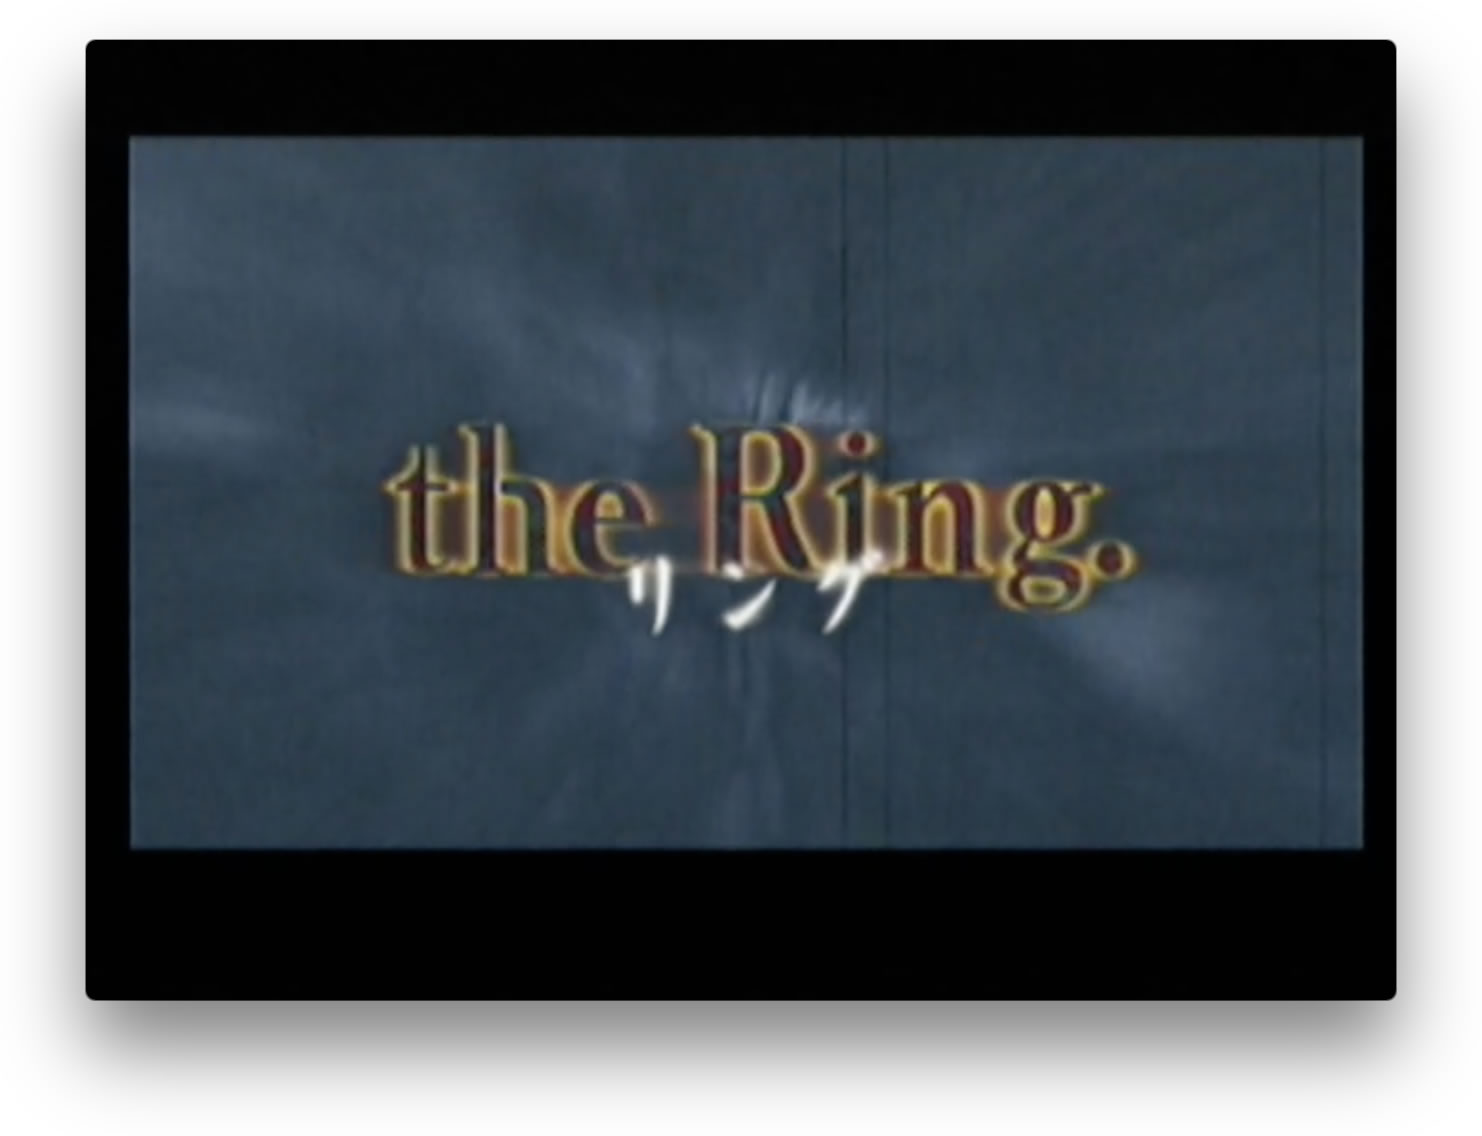 ug-007-the-ring-015